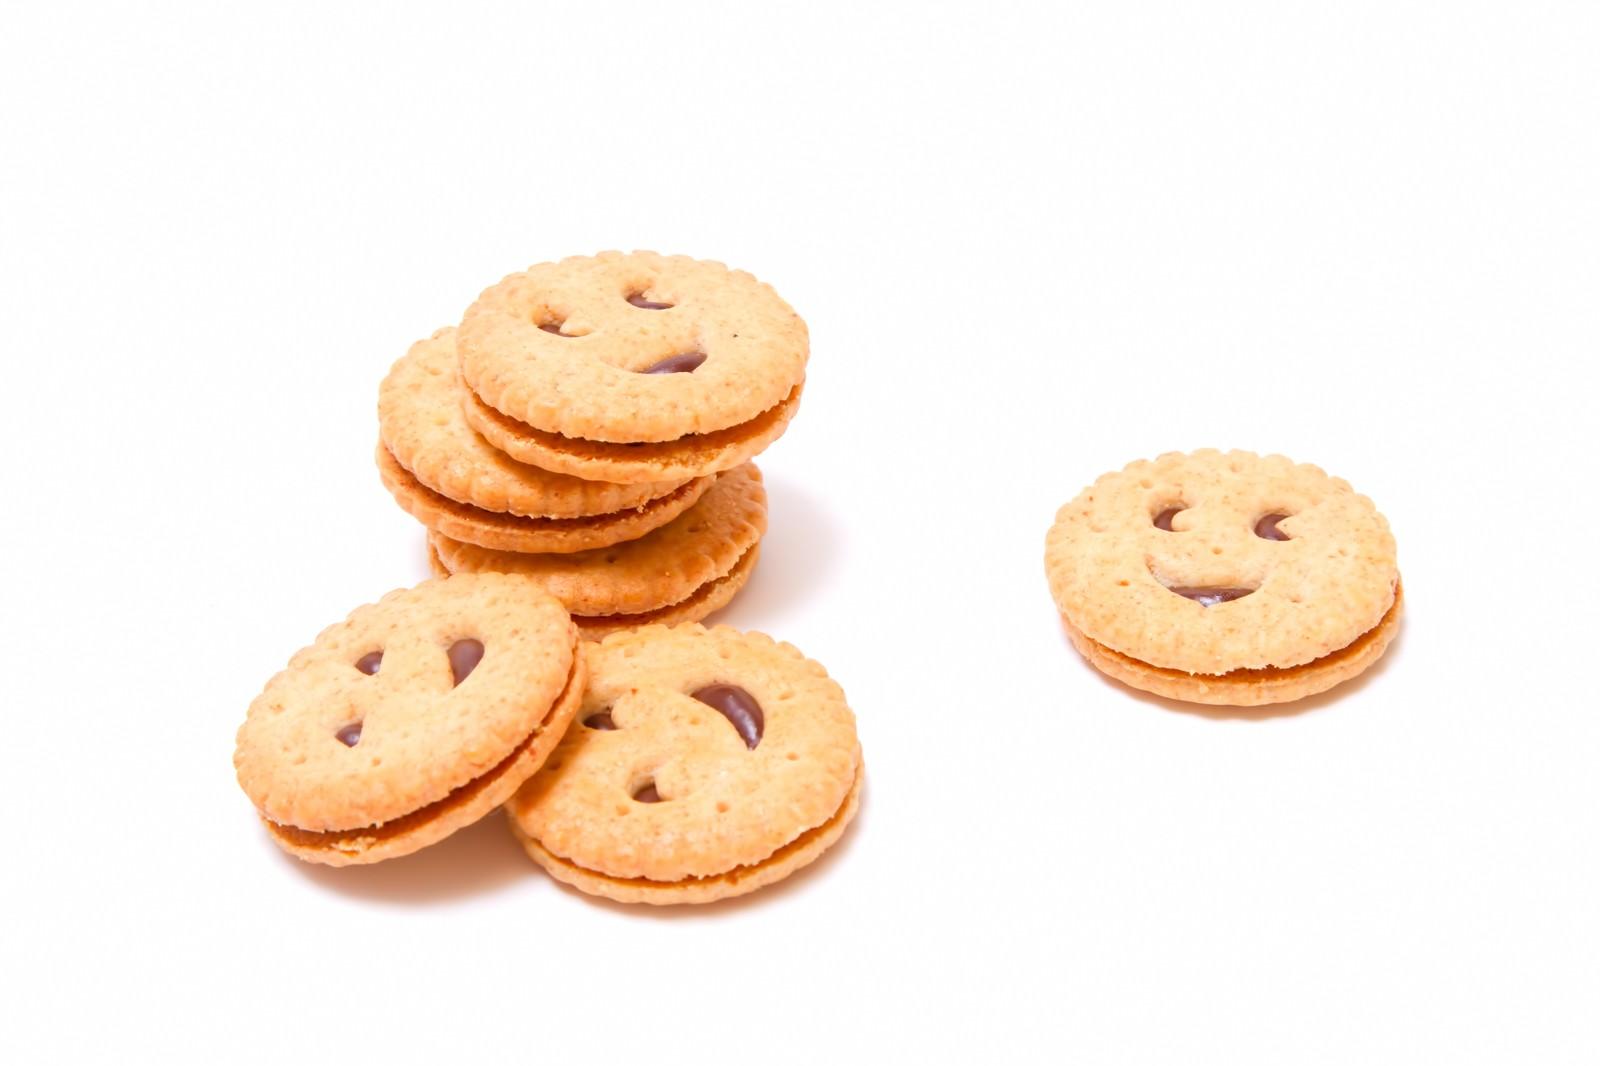 「顔が書かれたクッキー」の写真